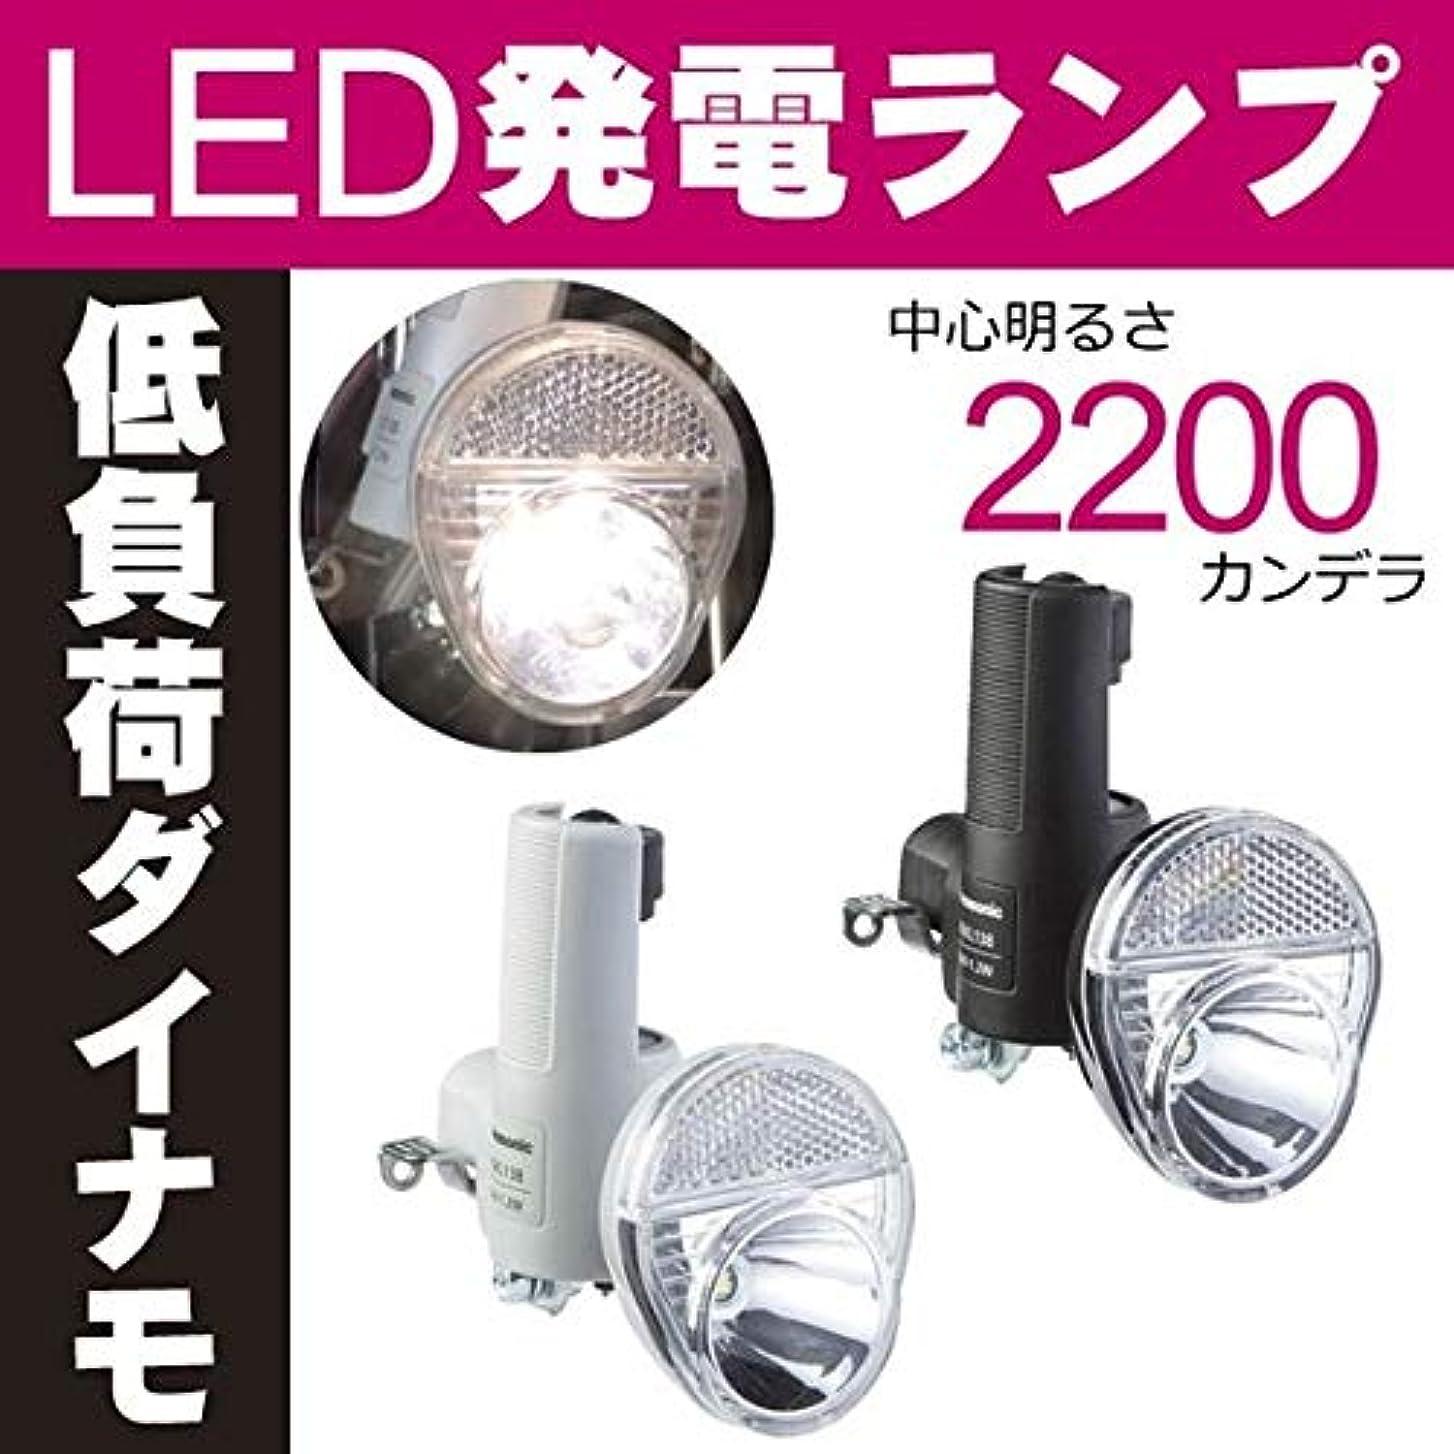 ロマンチック論争雄大なLED発電ランプ NSKL138 (ブラック、グレー) Pansonic(パナソニック) 自転車ライト 中心明るさ約2200cd(2200カンデラ)で明るい 前照灯